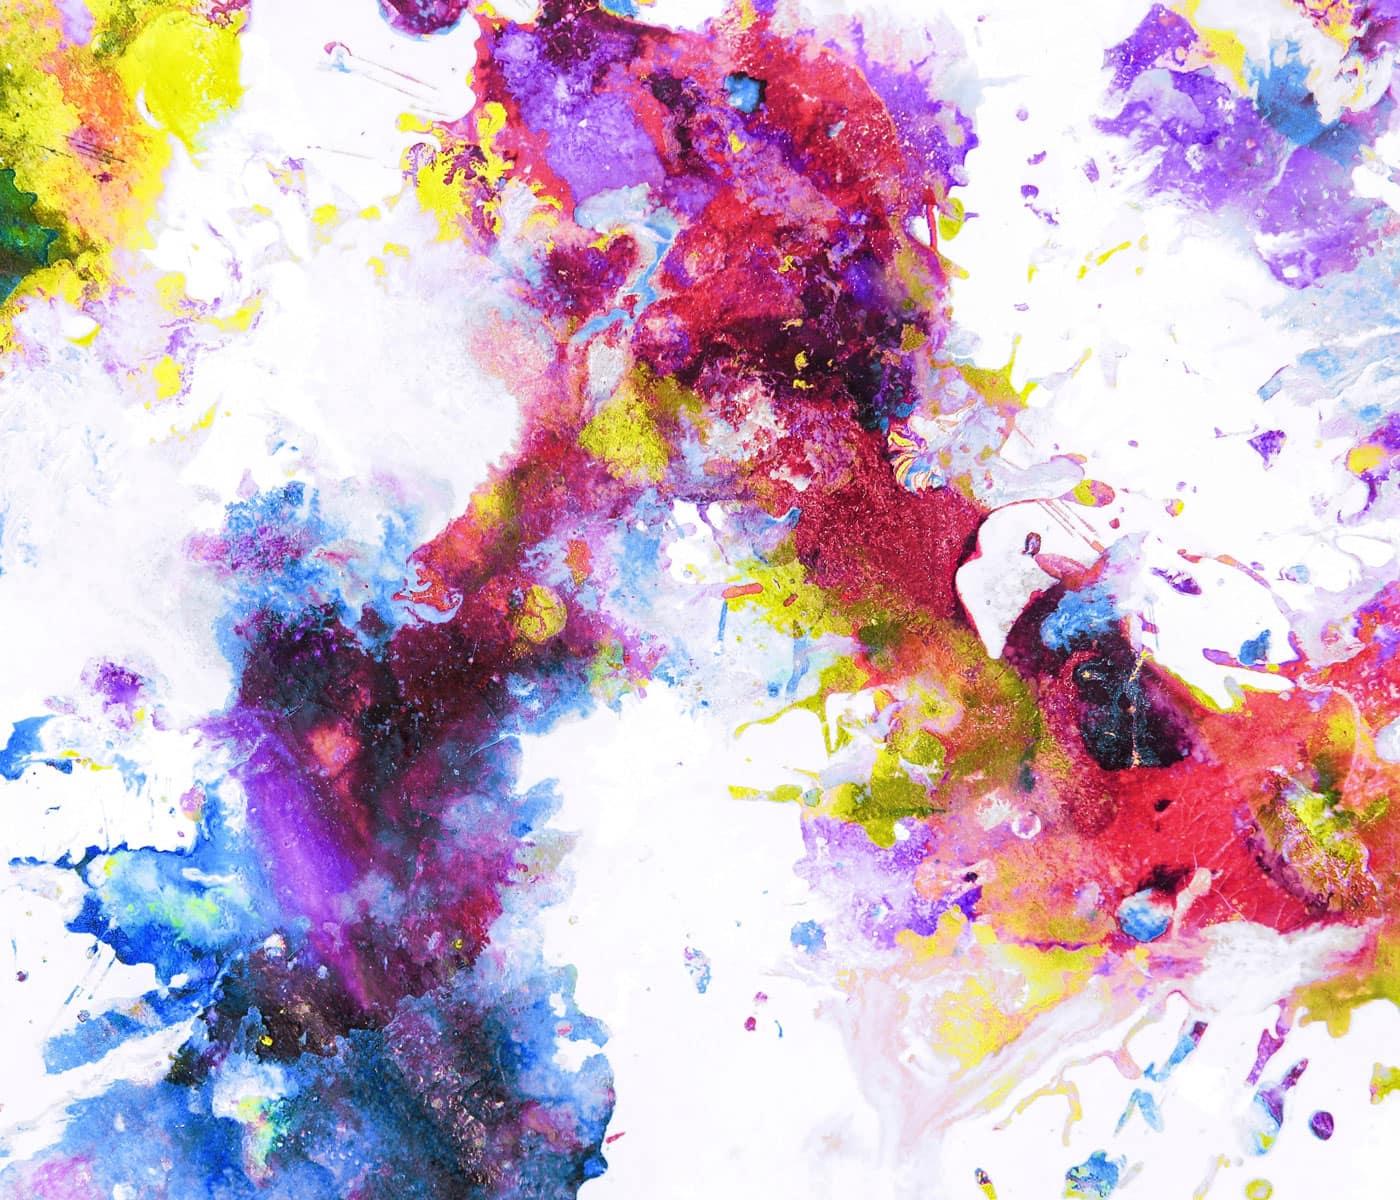 Online-Kunstworkshop für Kinder: Farben entdecken // HIMBEER